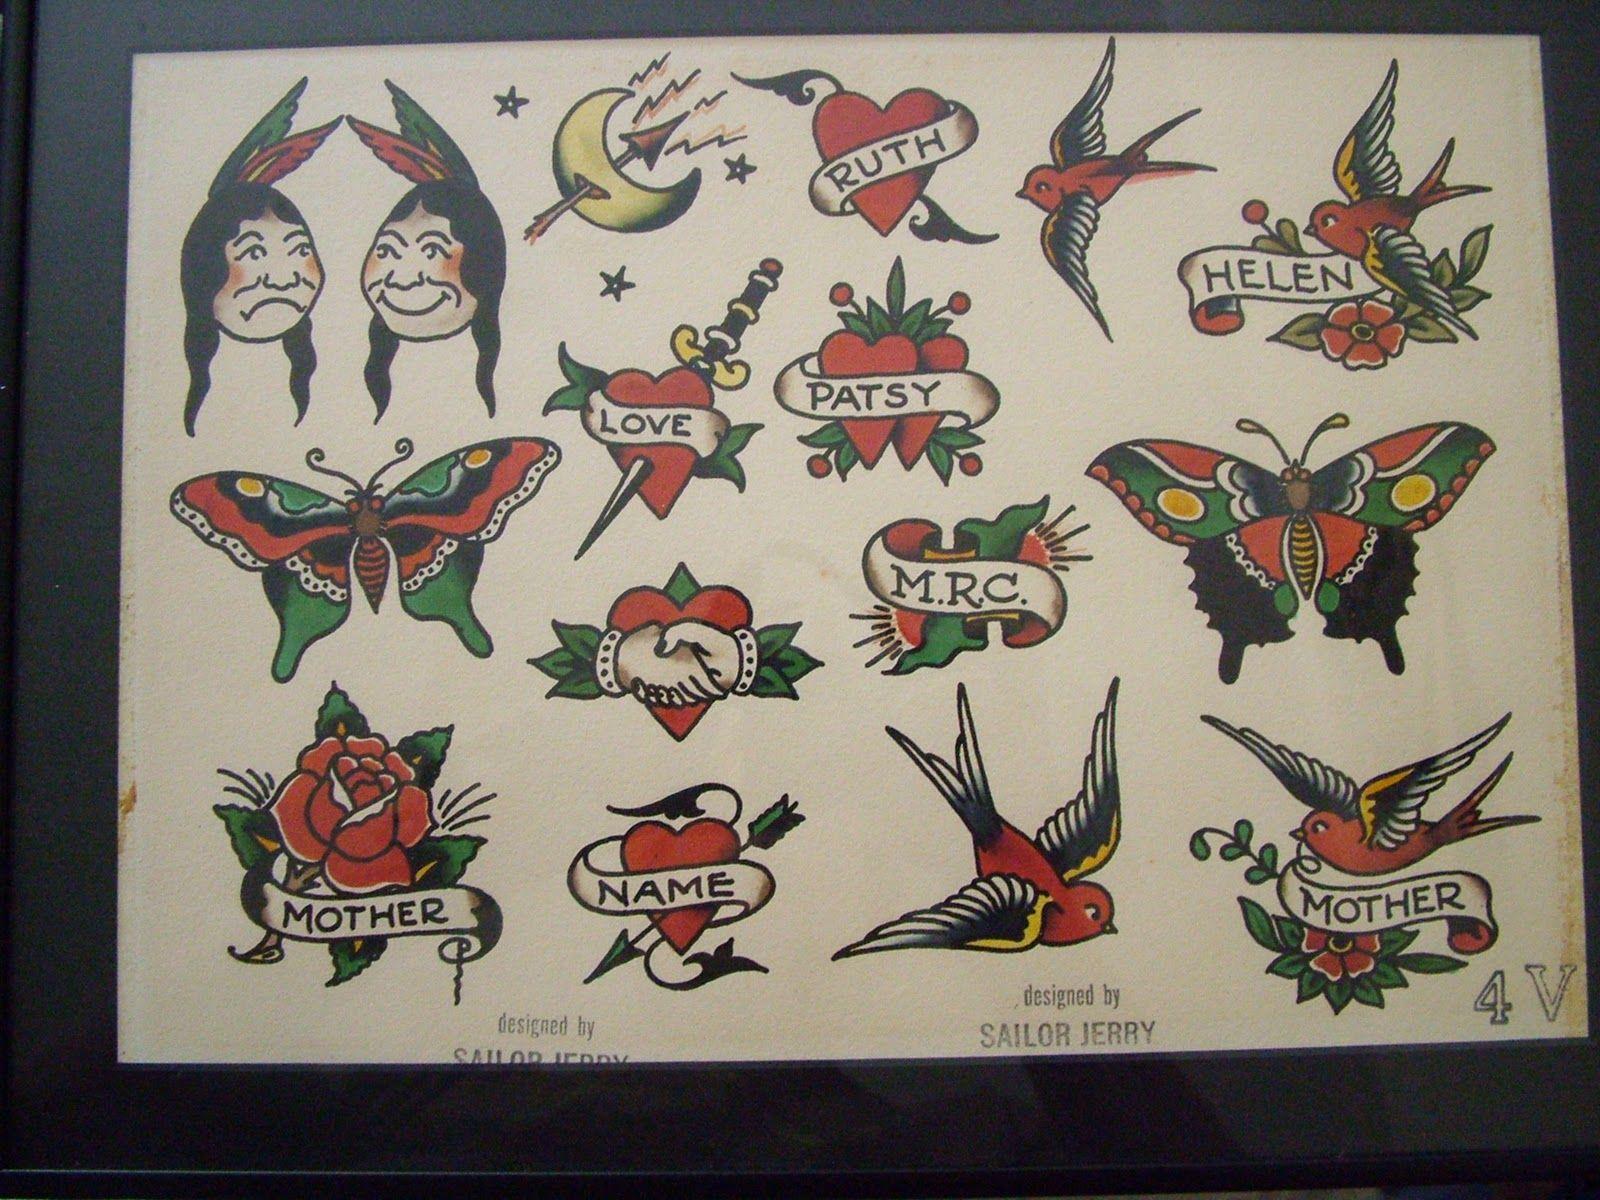 Sailor Jerry Tattoos Sailor Jerry Tattoo Flash Sailor Jerry Tattoos Sailor Jerry